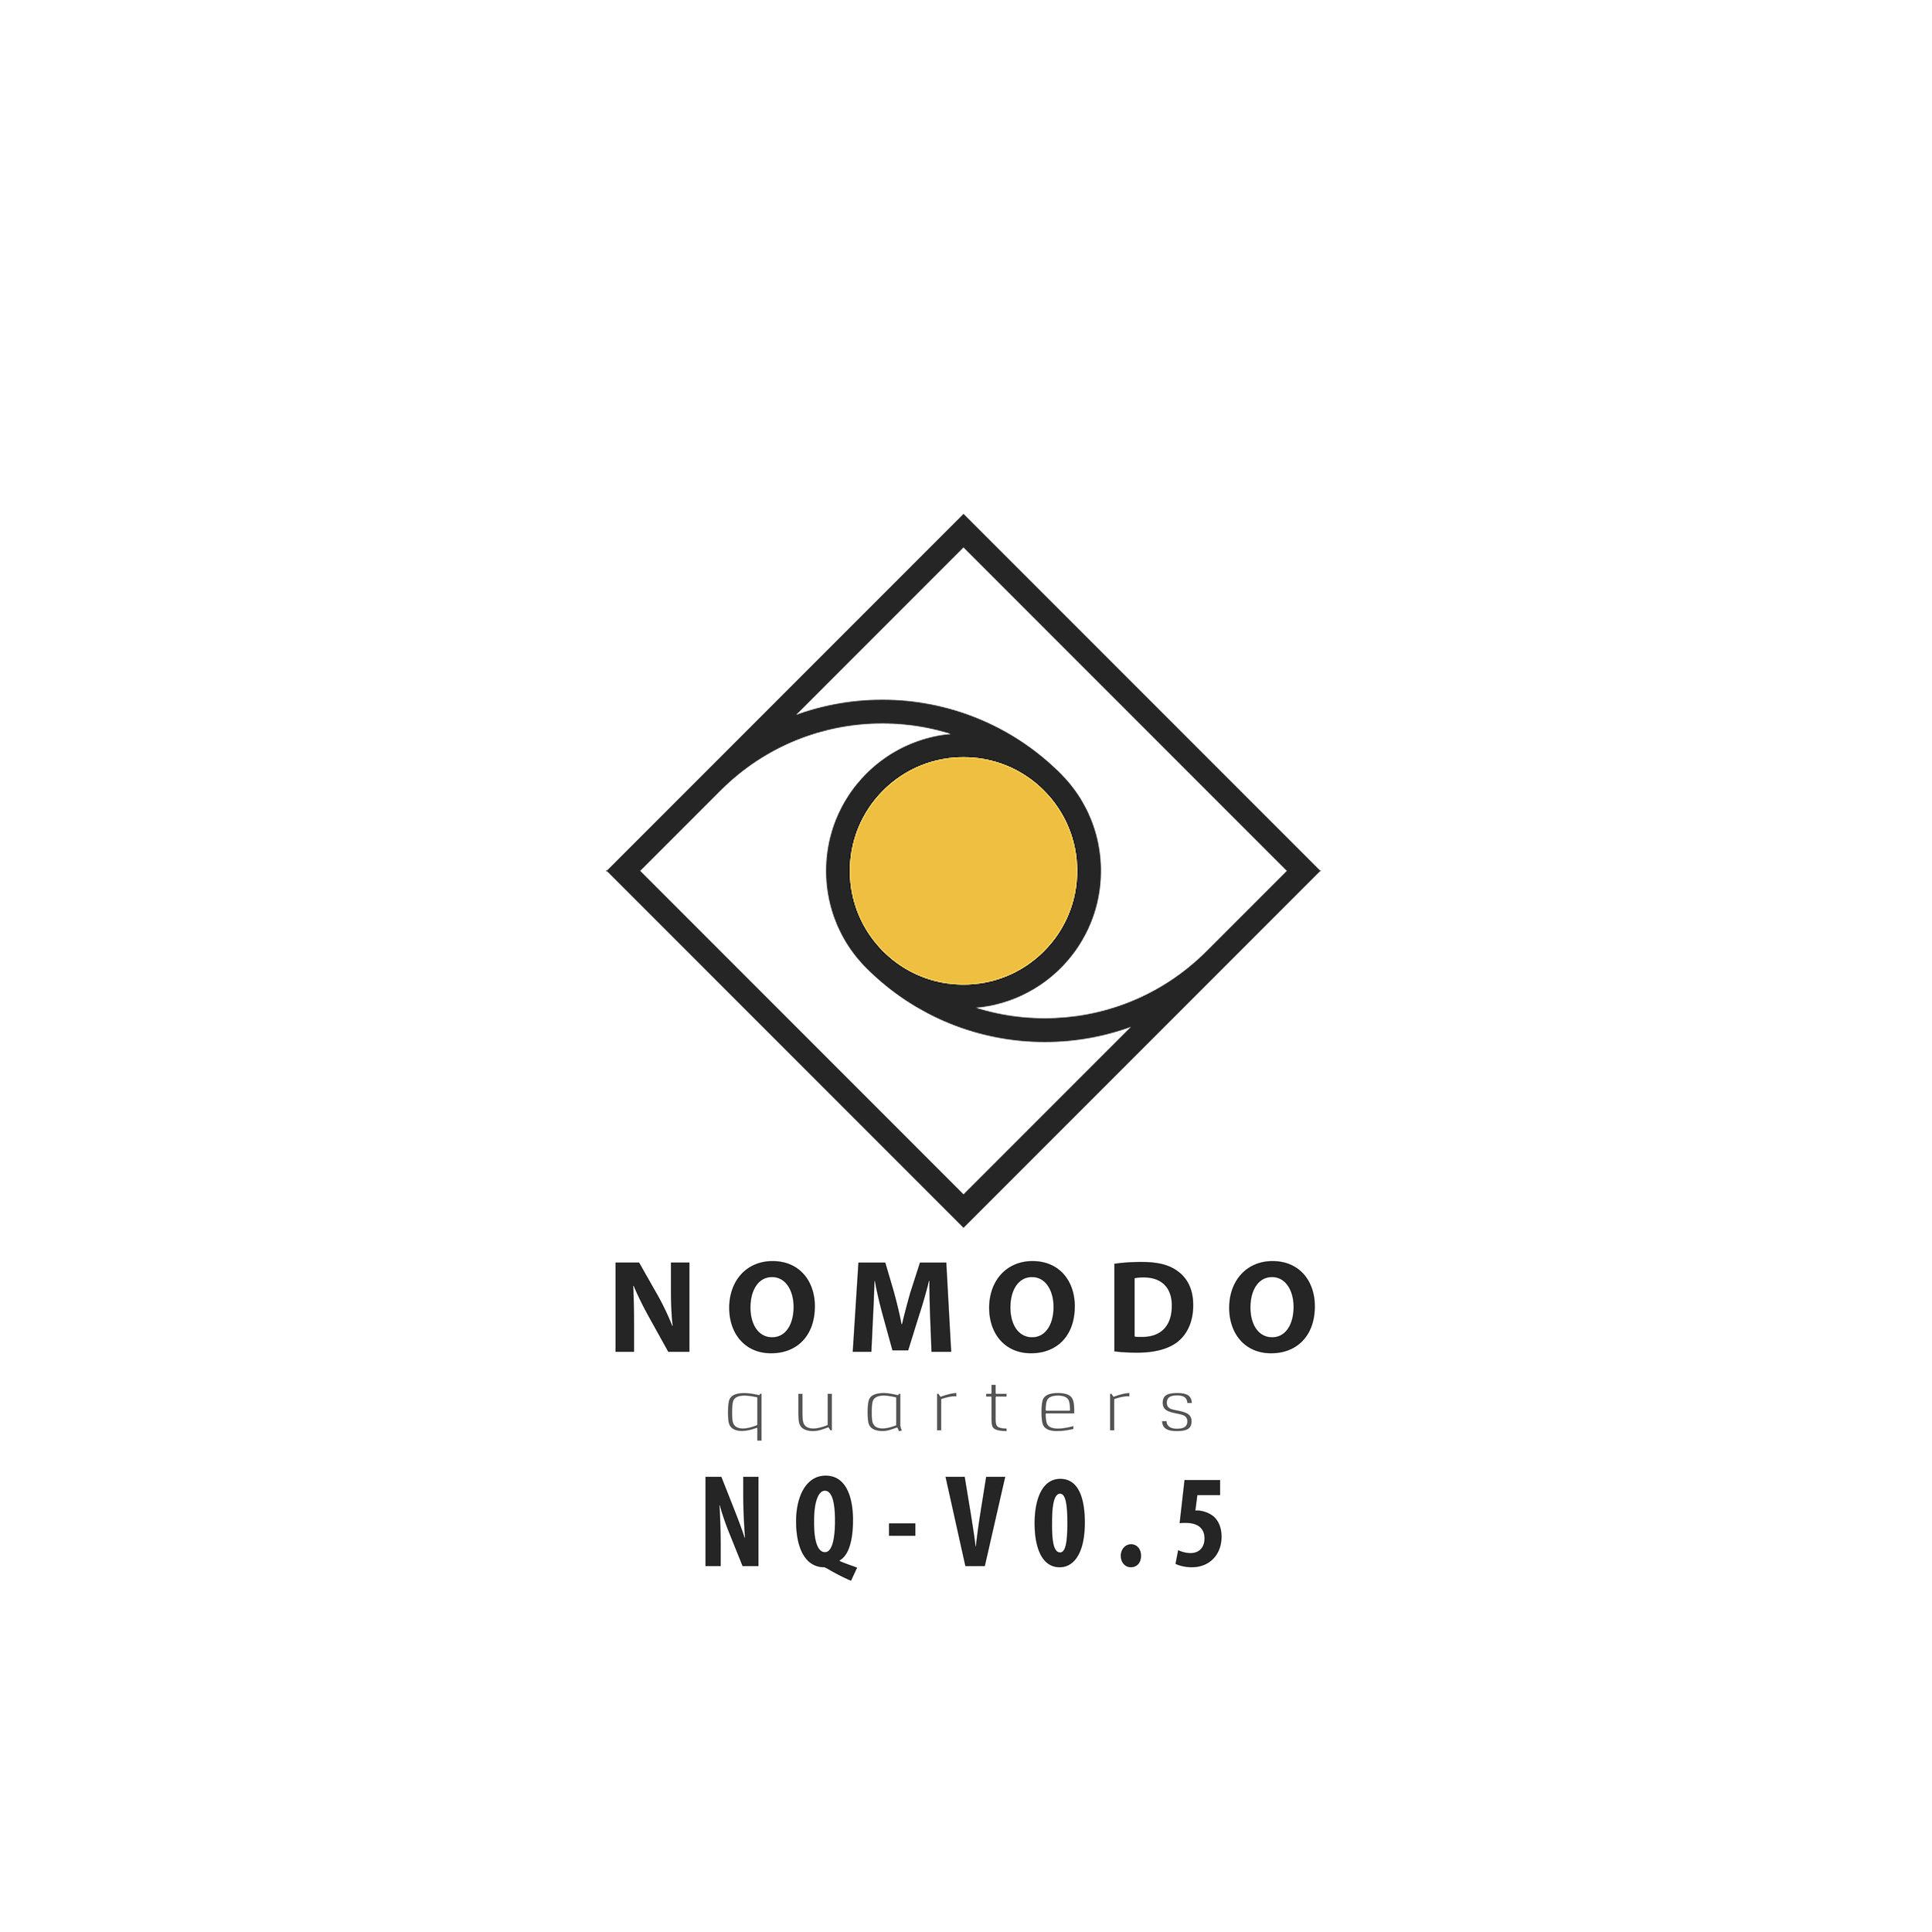 NOMODO- 0.5 logo.jpg